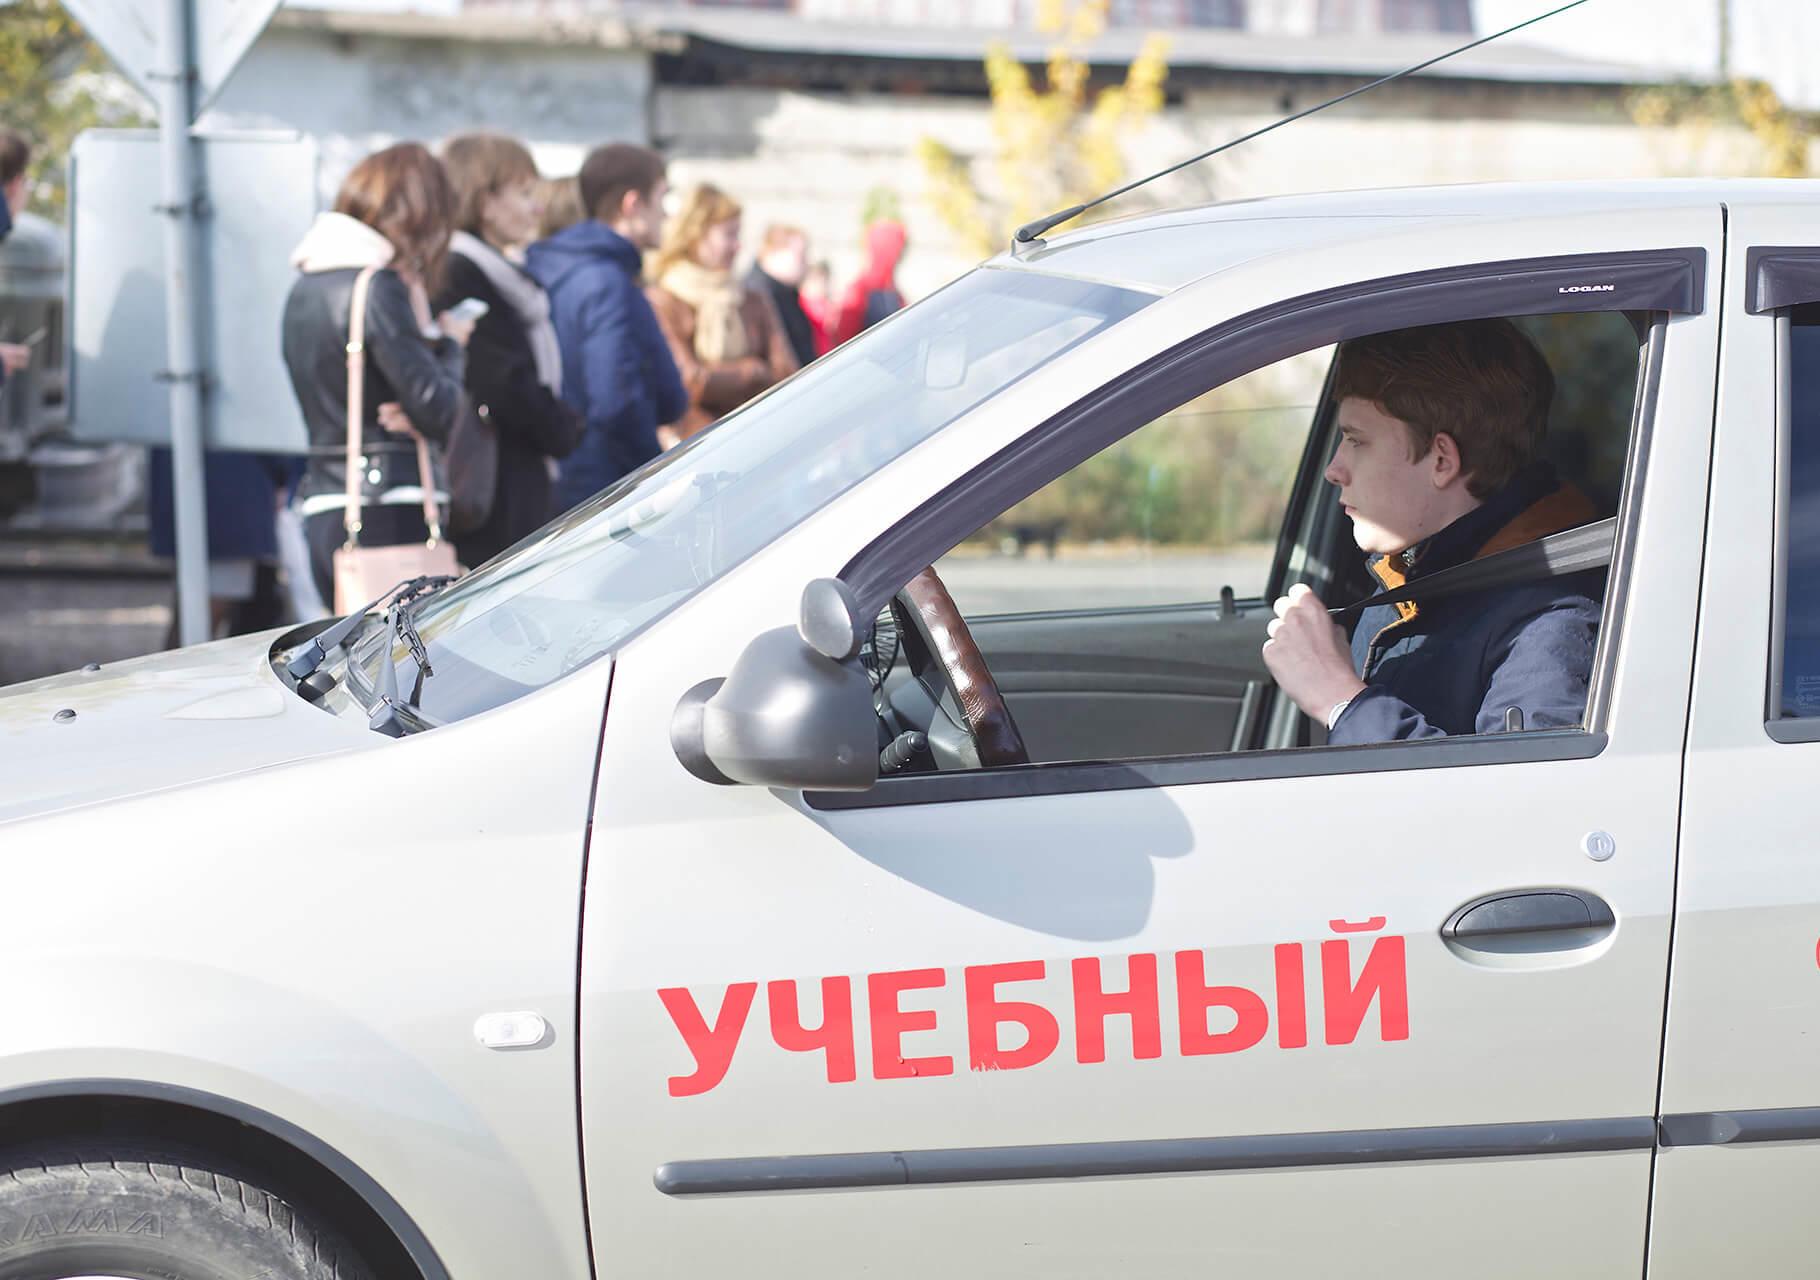 В России можно получить водительские права с 16 лет. Отмена площадки при сдаче на права с 1 апреля 2021 года.